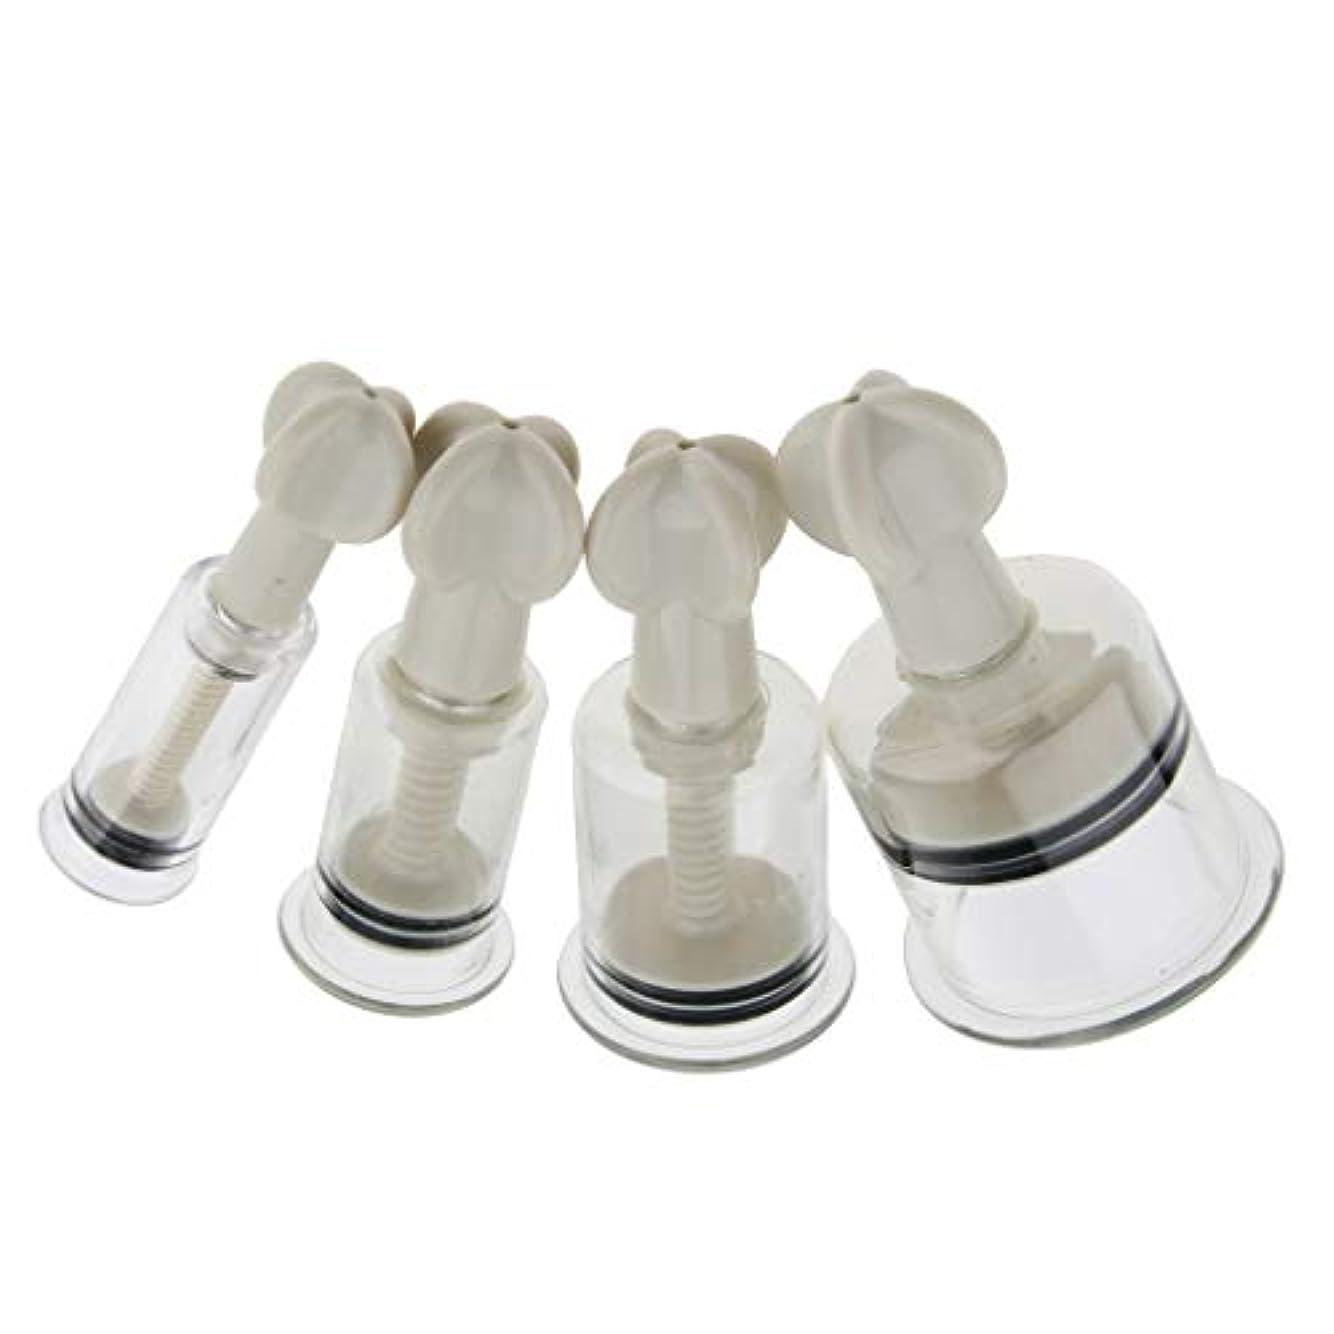 小売落ち着いてまでdailymall 吸い玉 真空 カッピングセット つぼ押し マッサージカッピング 吸引力 カップ4種類 プラスチック